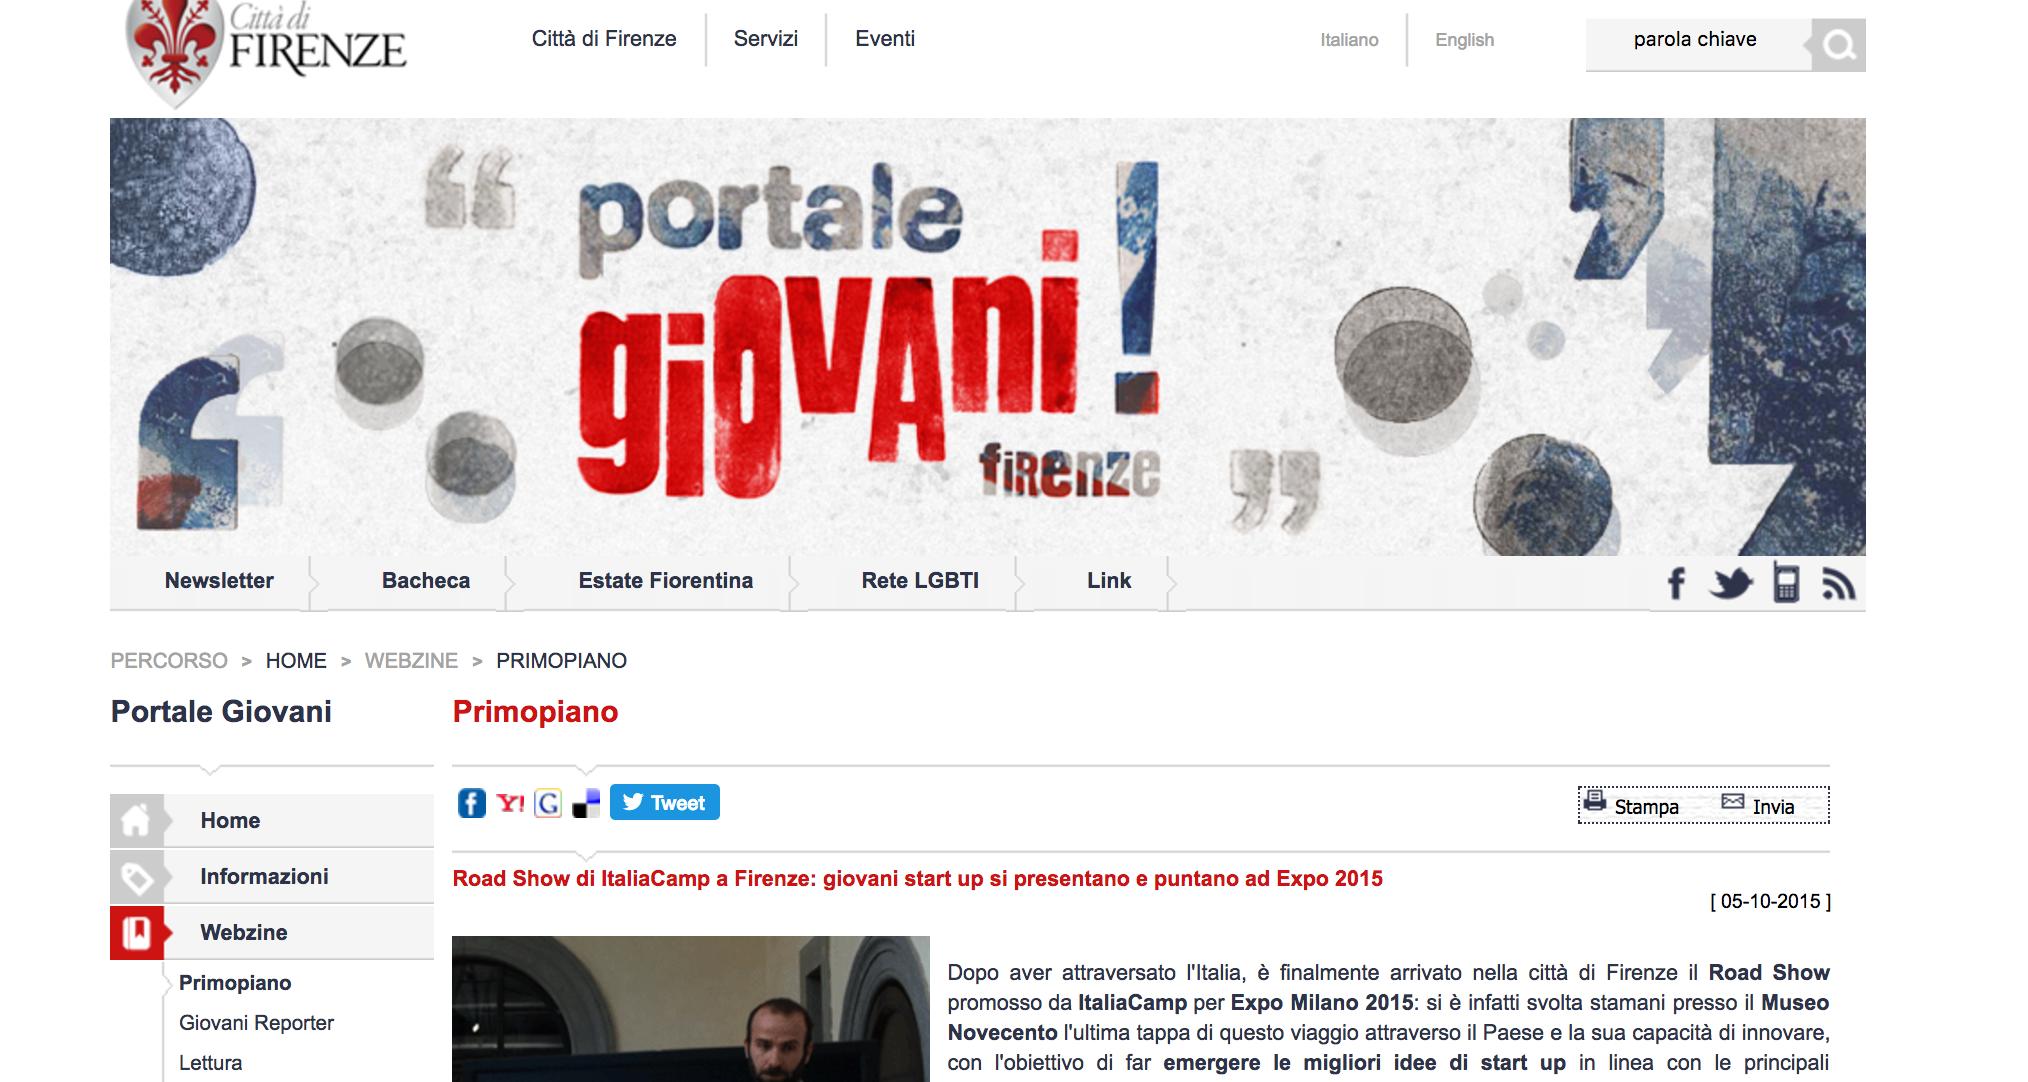 Road Show di ItaliaCamp a Firenze: giovani start up si presentano e puntano ad Expo 2015 - Portale Giovani, Comune di Firenze, Ottobre 2015